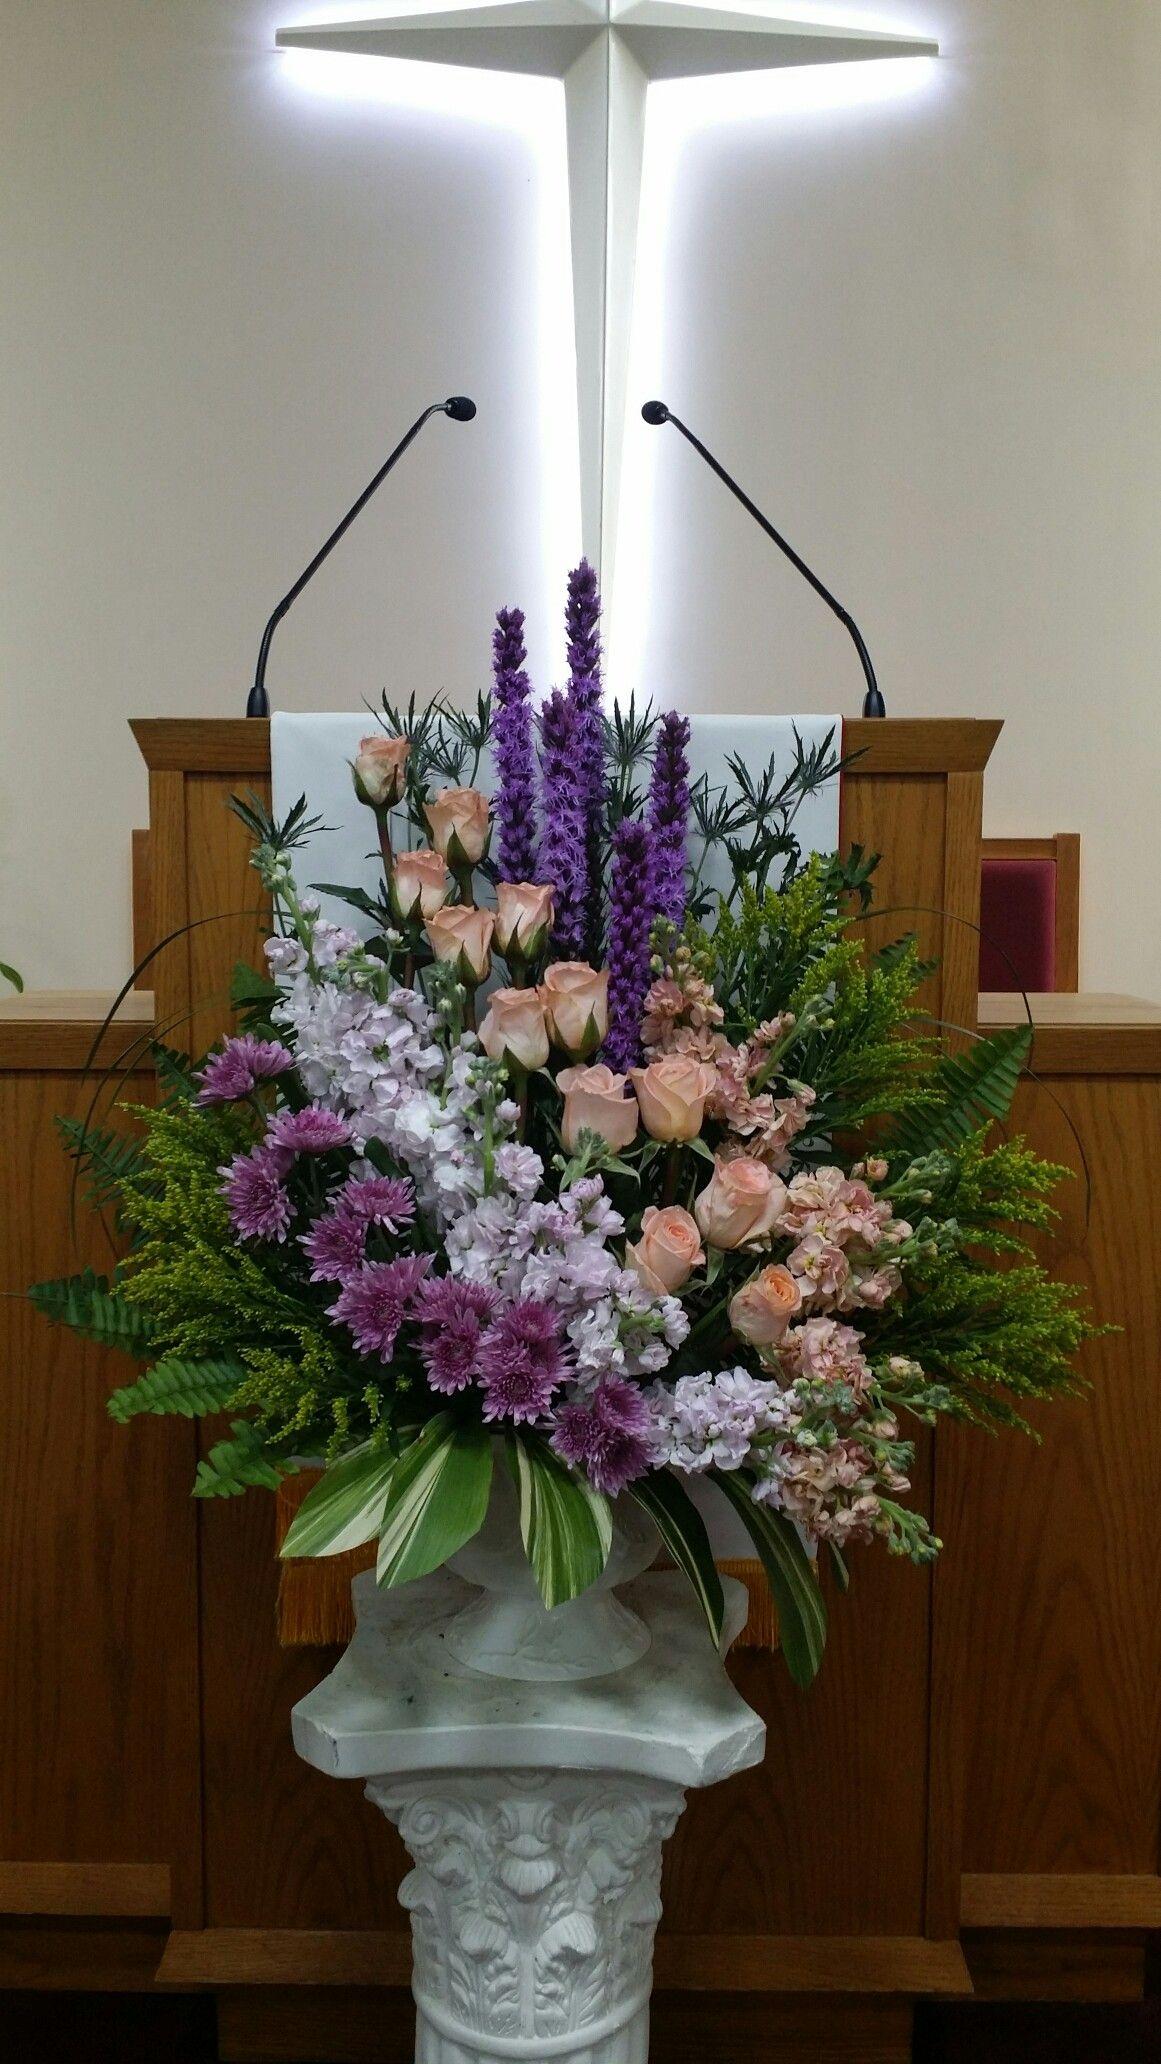 Mais Que Lindo Arranjos Florais Modernos Arranjos De Flores